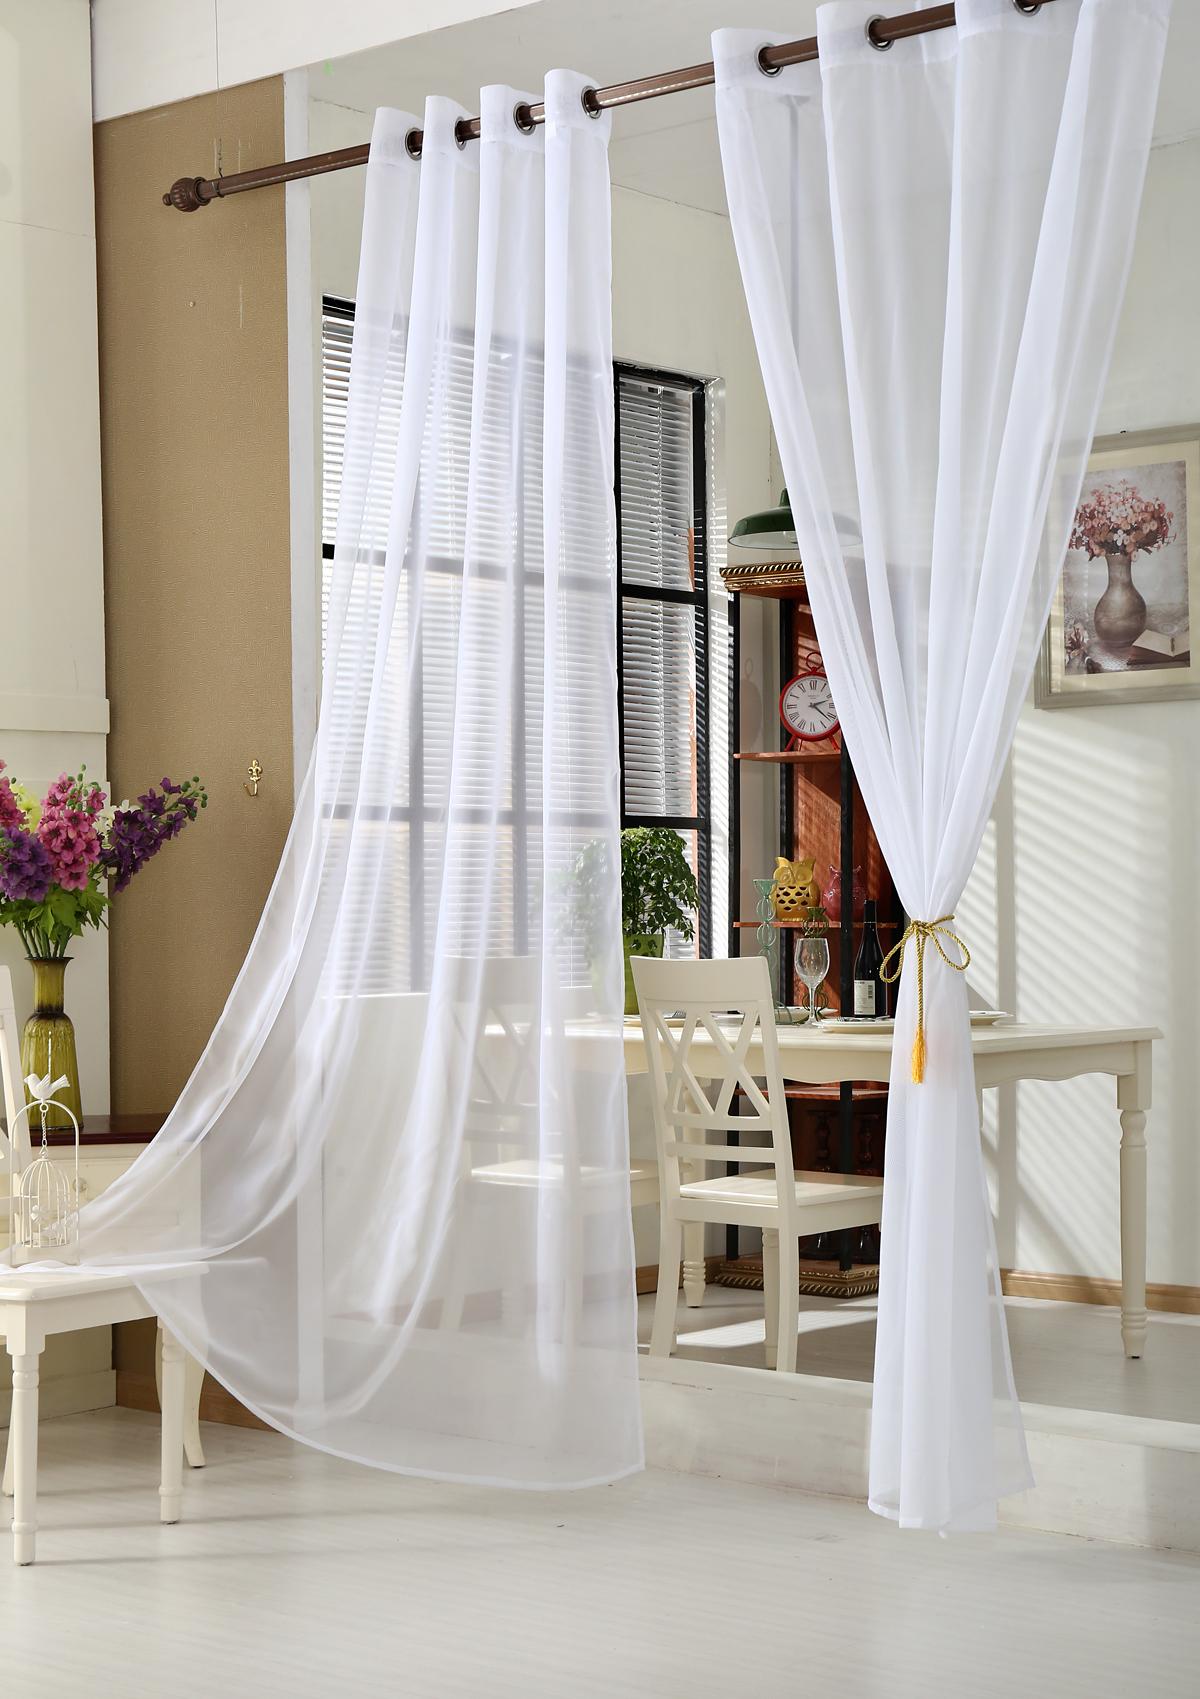 gardinen stores vorhang transparent sen schal fensterschal vorh nge voile 304 ebay. Black Bedroom Furniture Sets. Home Design Ideas